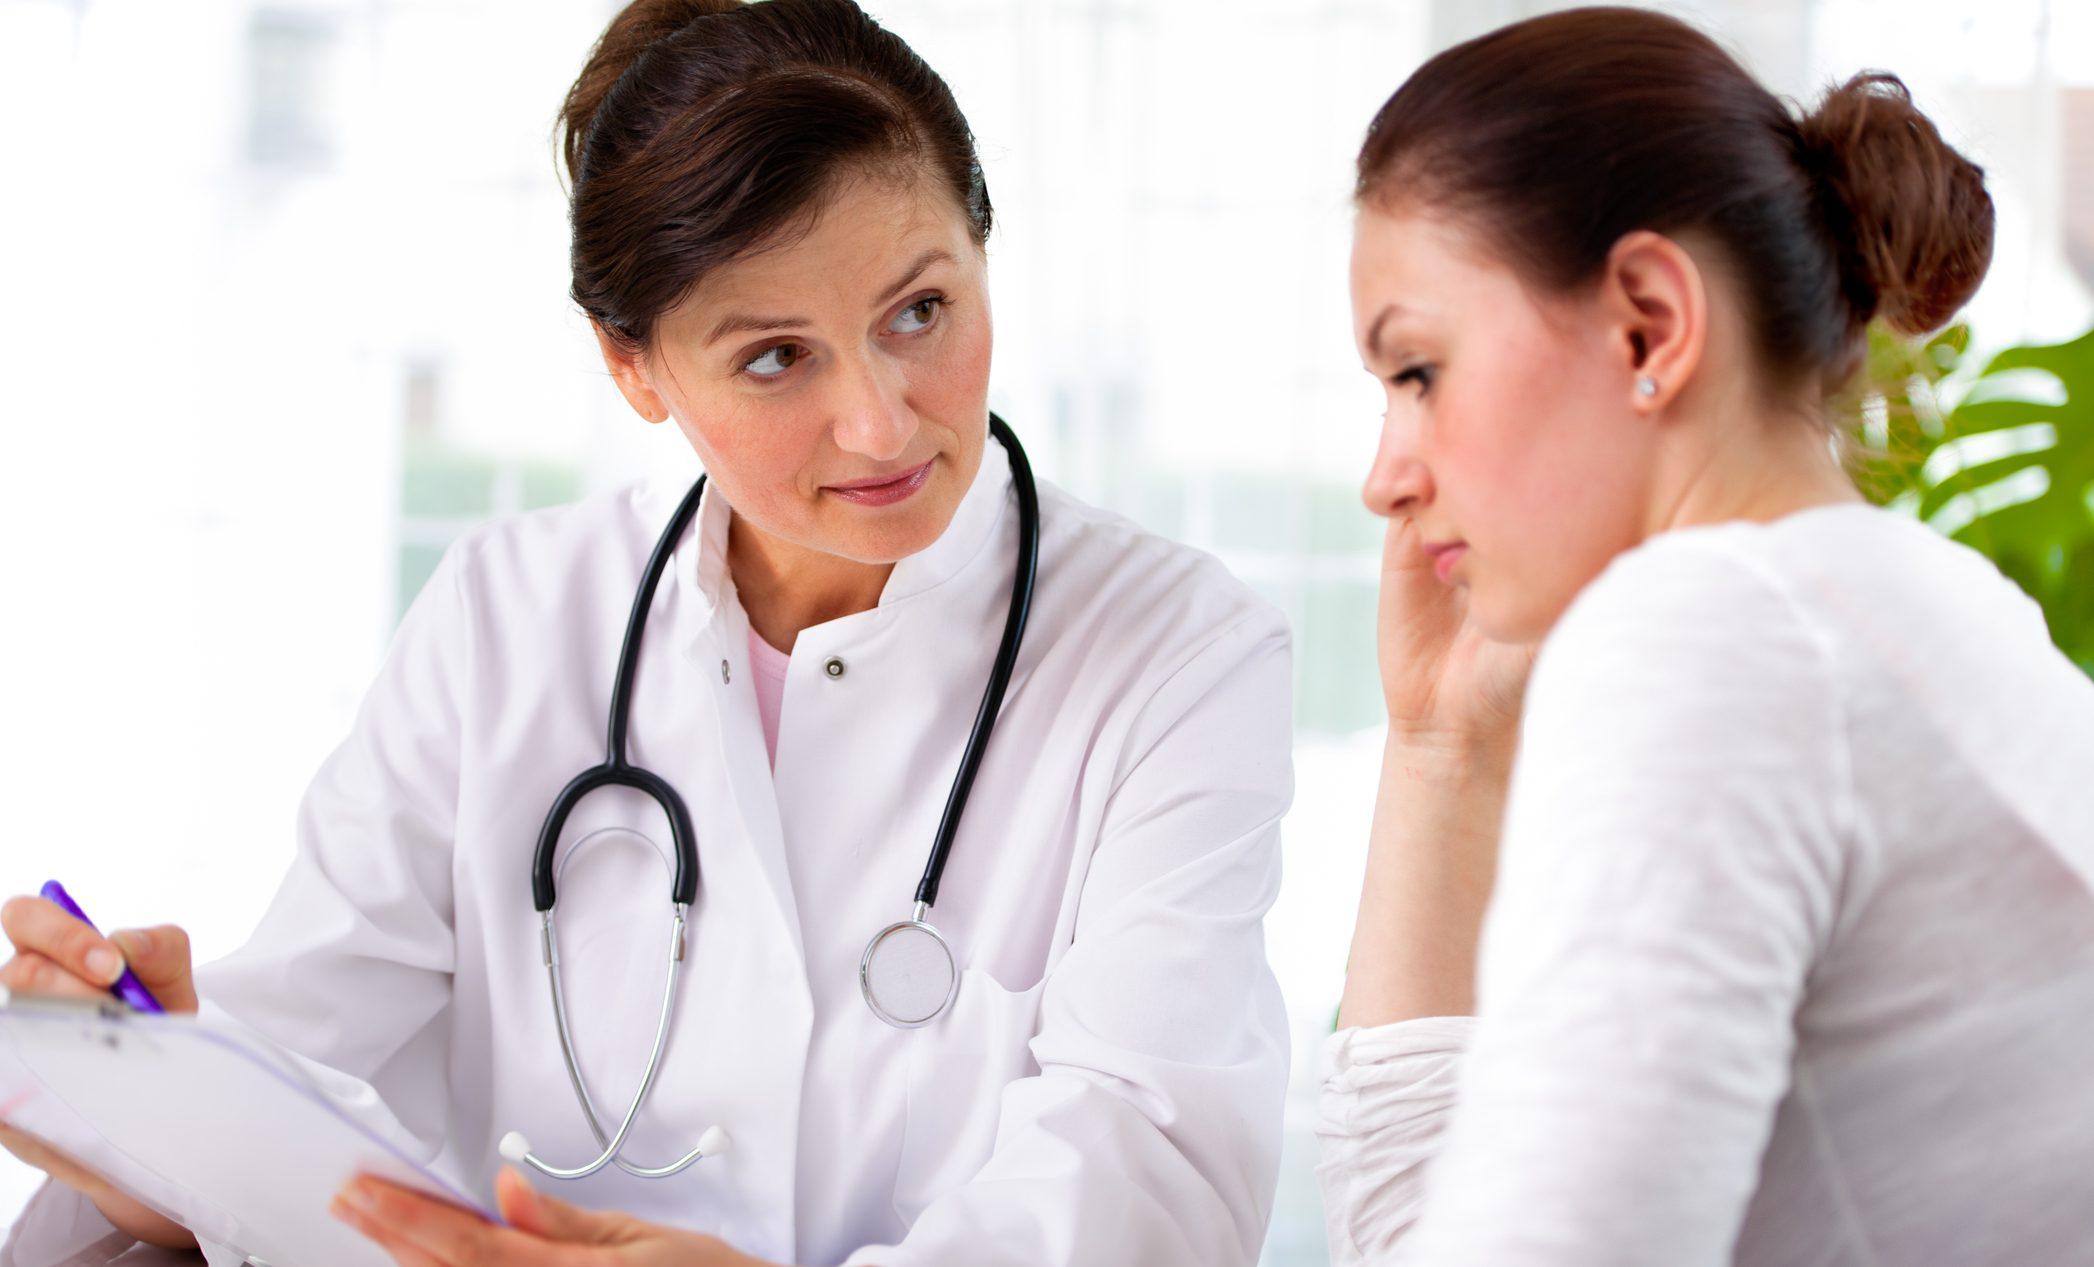 فرص نجاة امرأة من نوبة قلبية ترتفع إذا عالجتها طبيبة أنثى